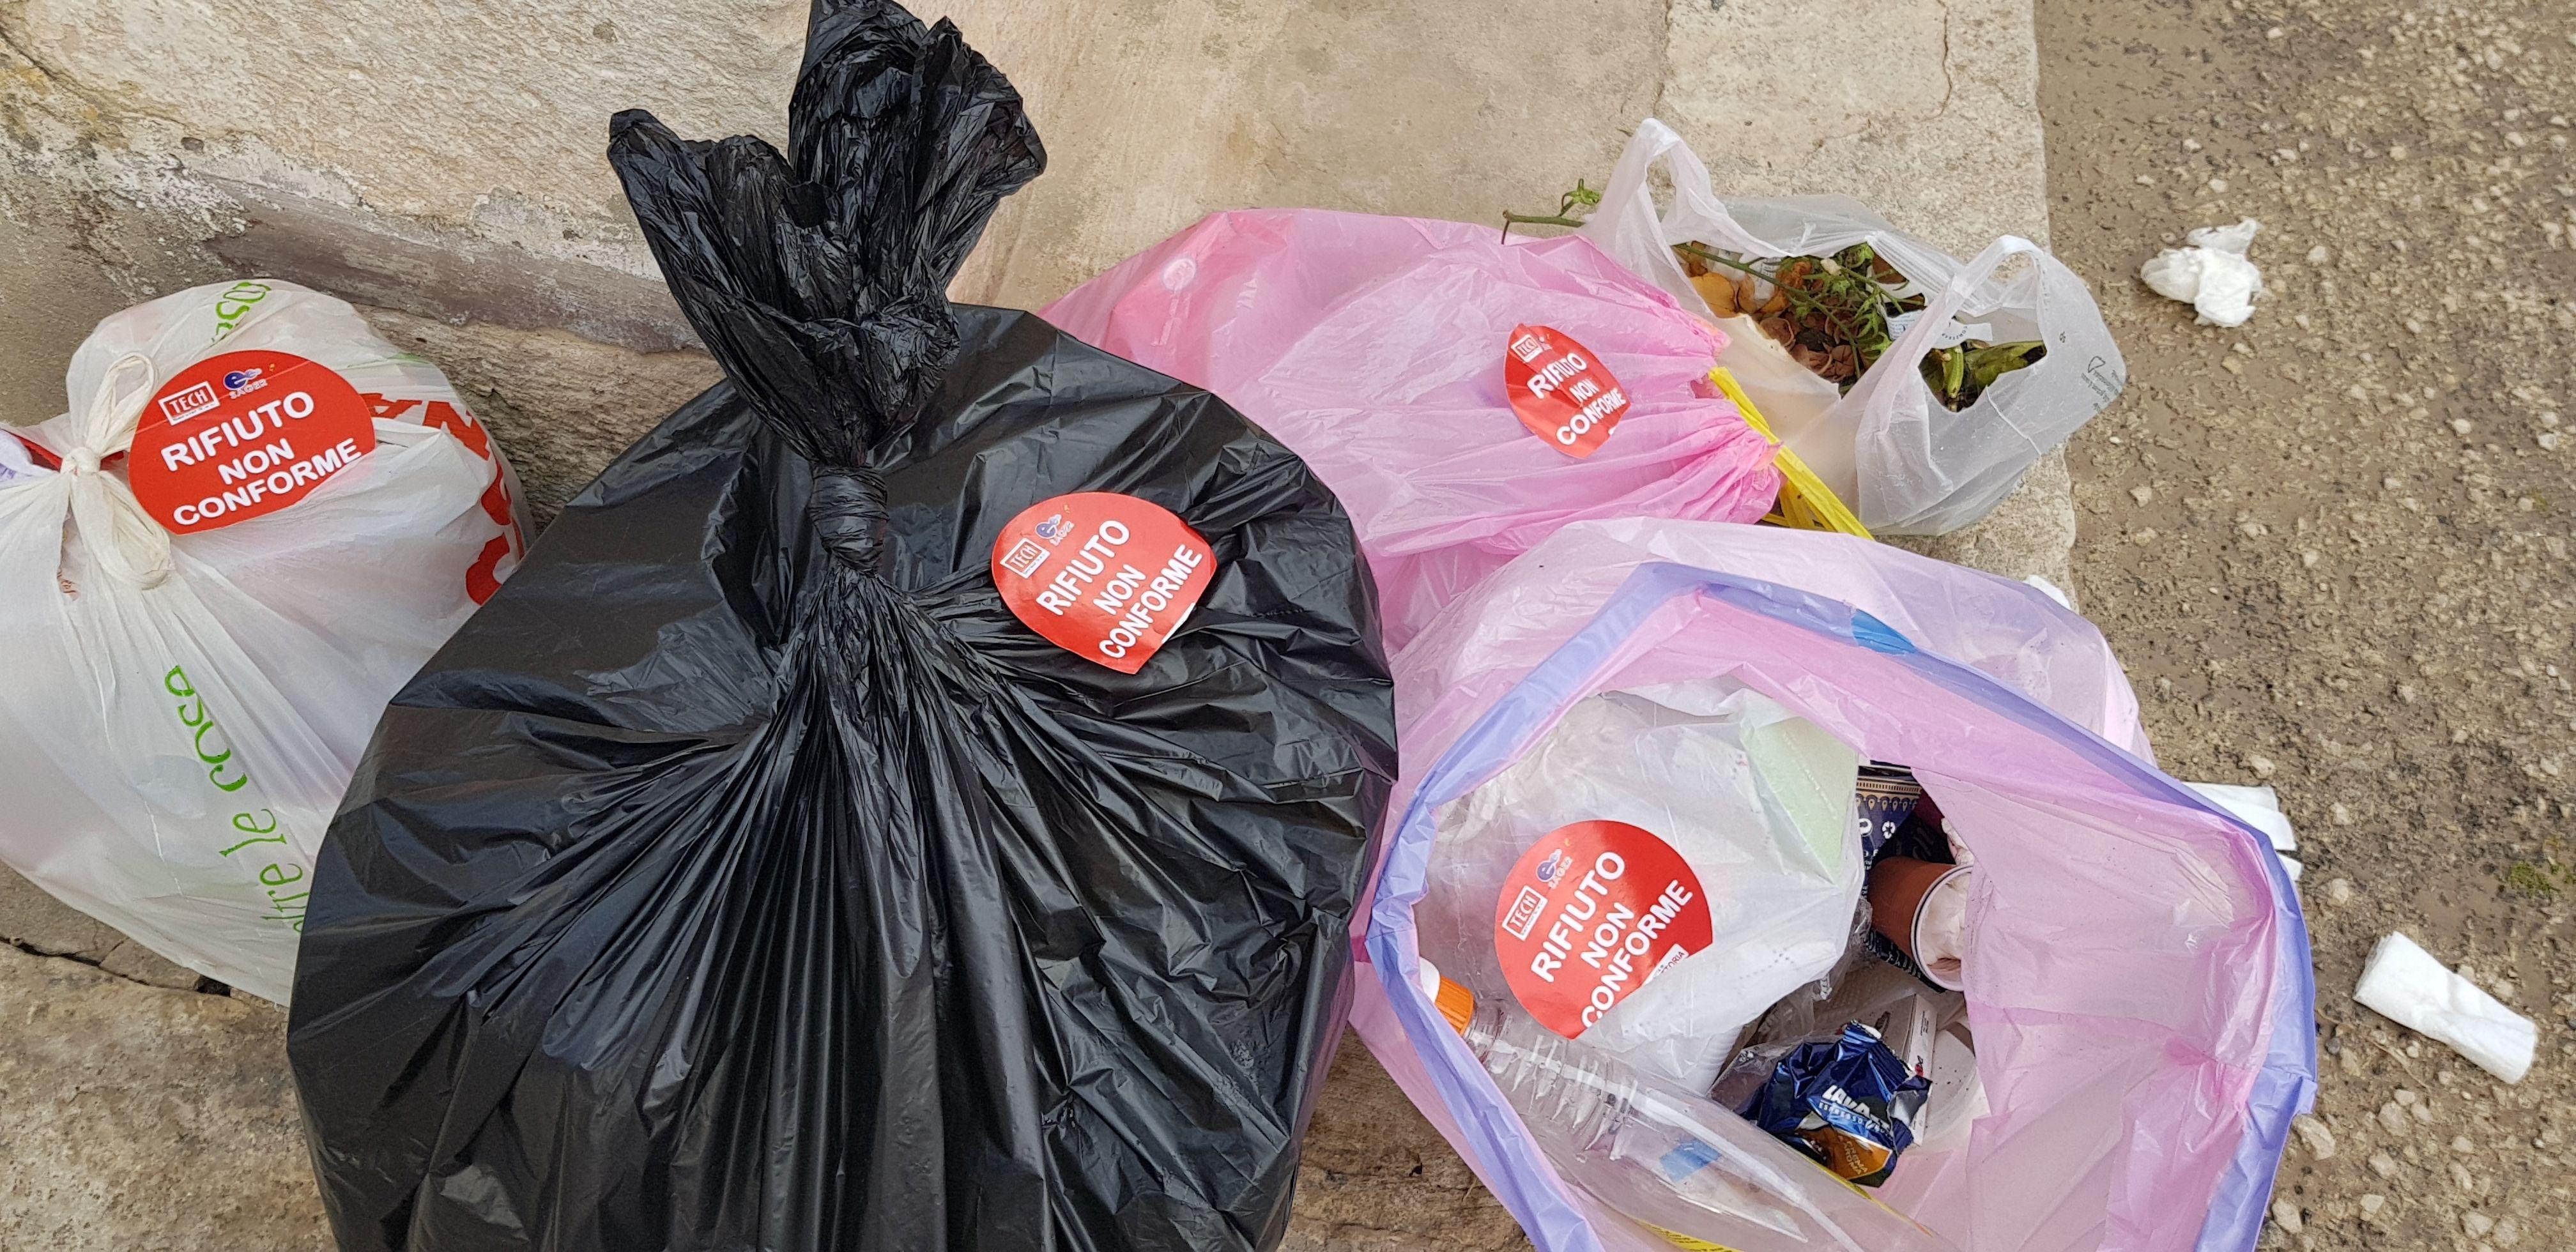 La discarica stoppa il Comune: raggiunte le 10 tonnellate di umido